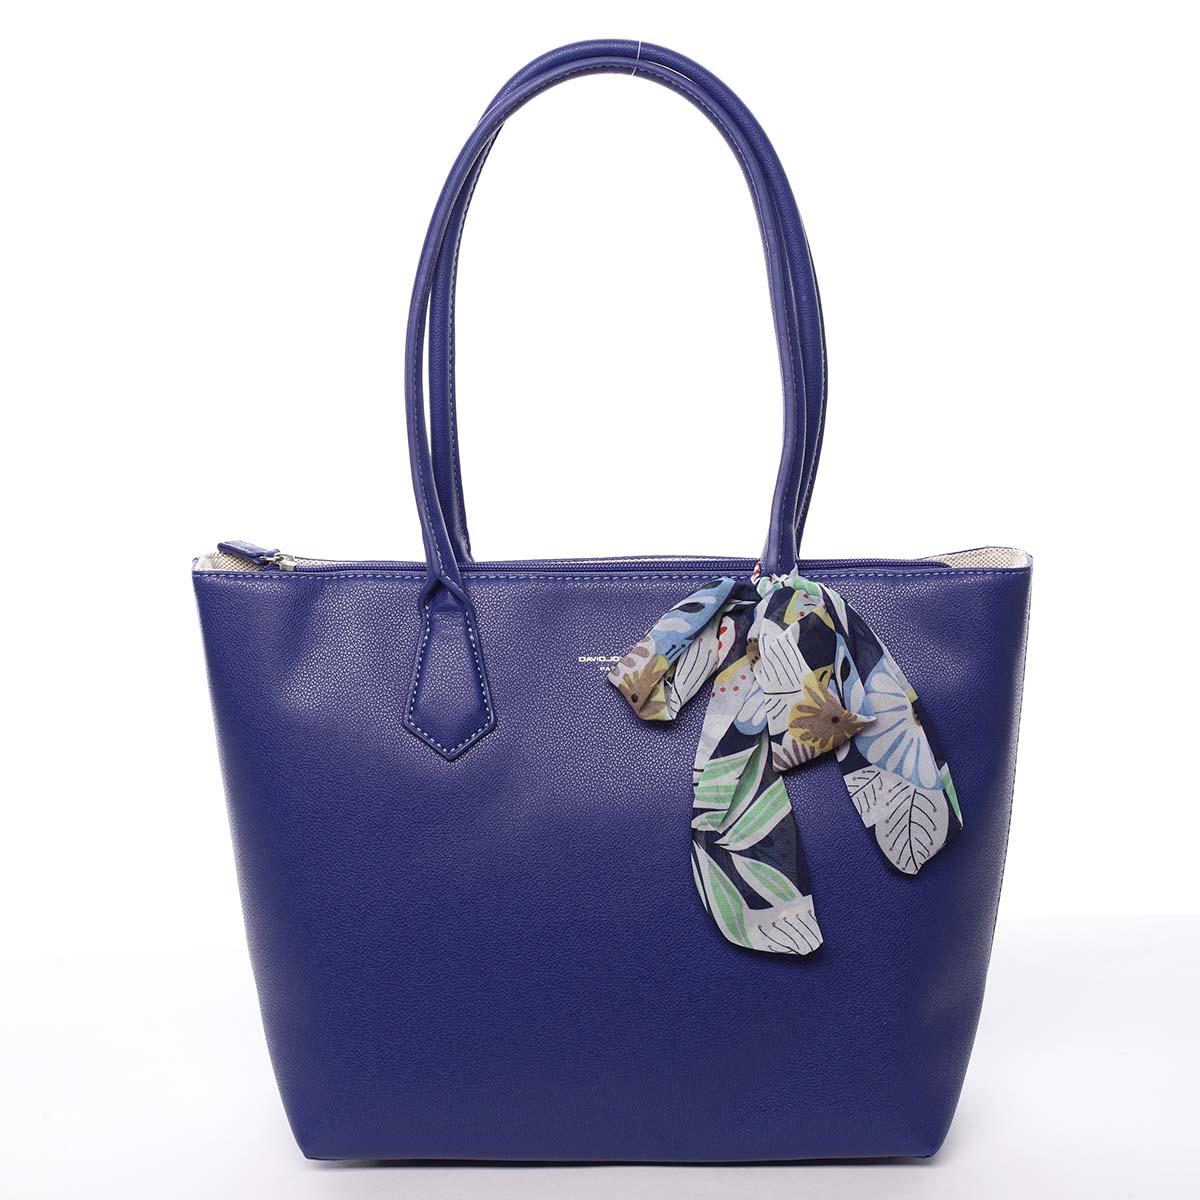 Veľká dámska kabelka cez plece modrá - David Jones Lowe